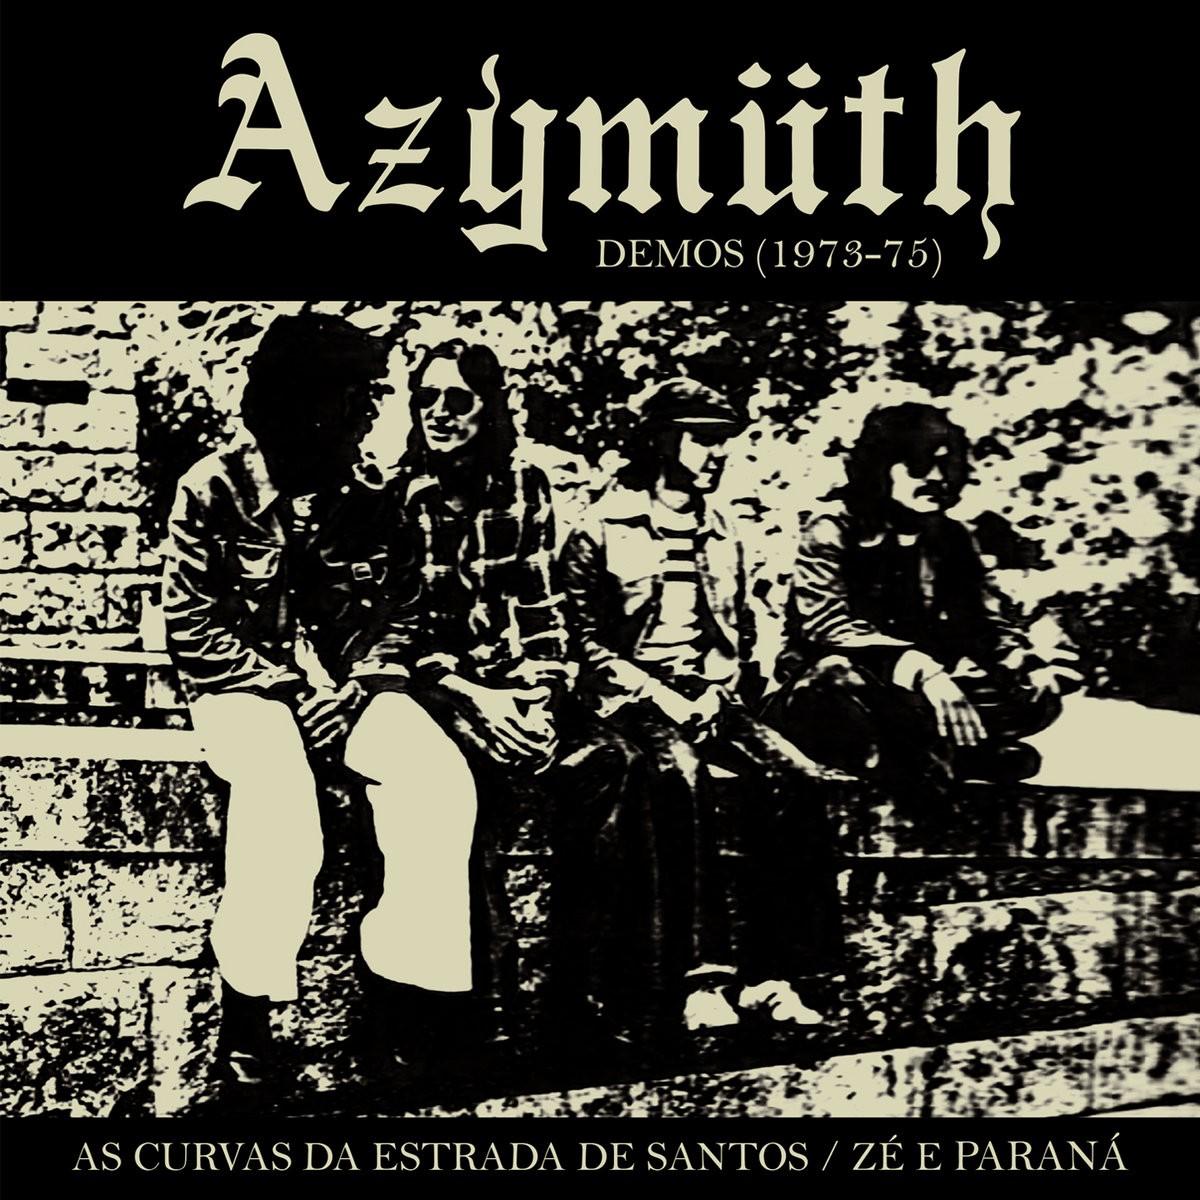 Azymuth dá contorno jazzístico às 'Curvas da estrada de Santos' em single com demos inéditas do grupo